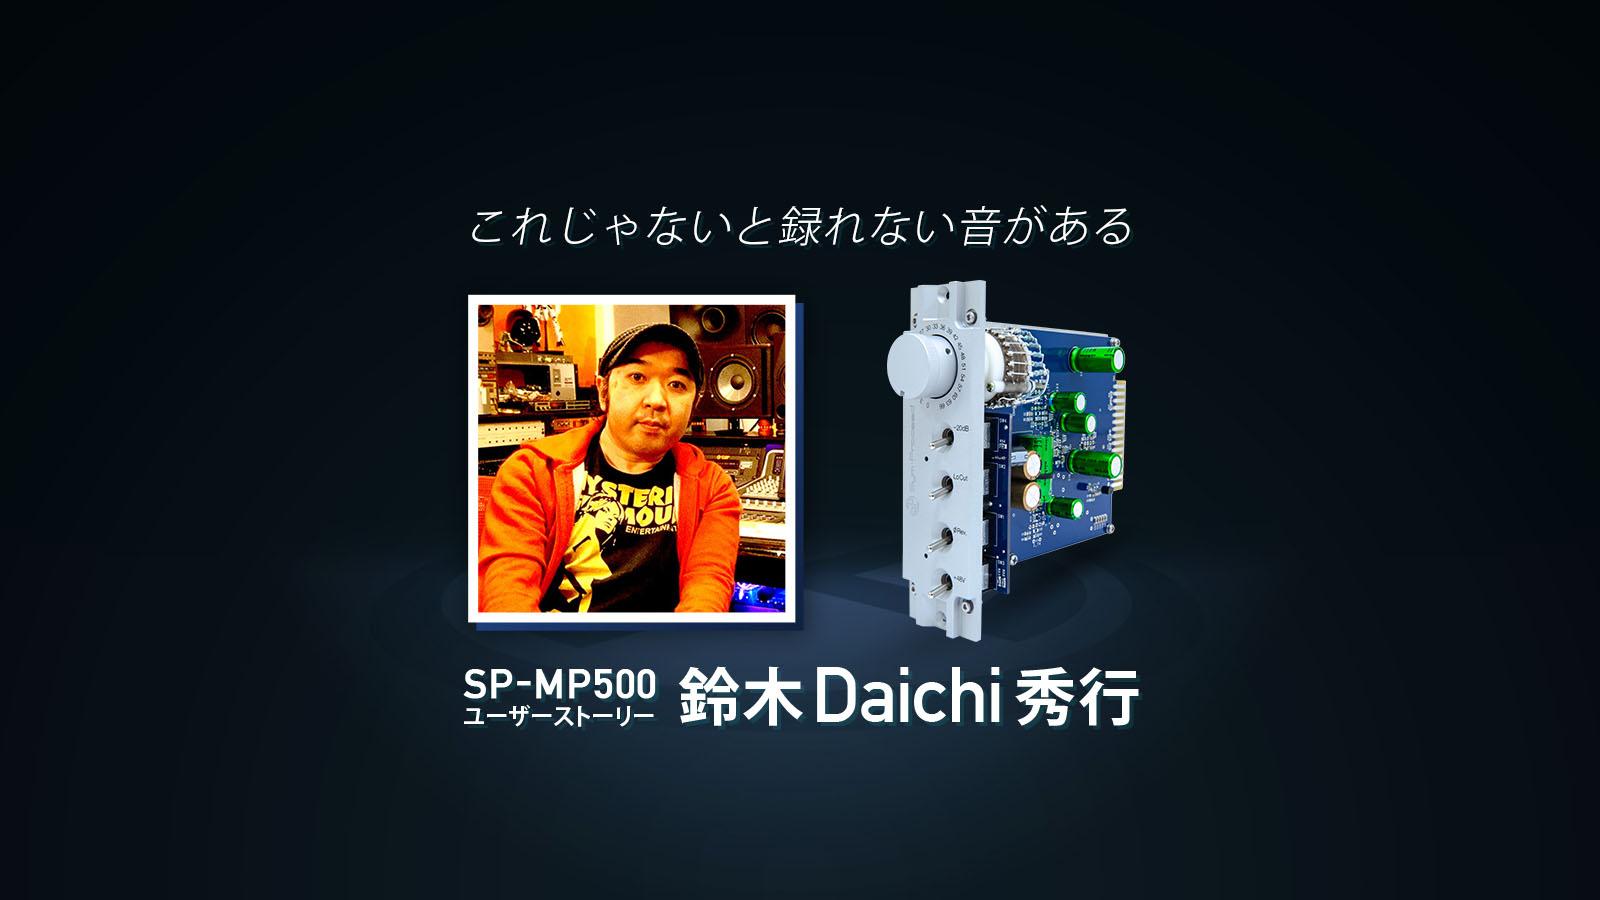 SP-MP500 ユーザーストーリー:鈴木Daichi秀行